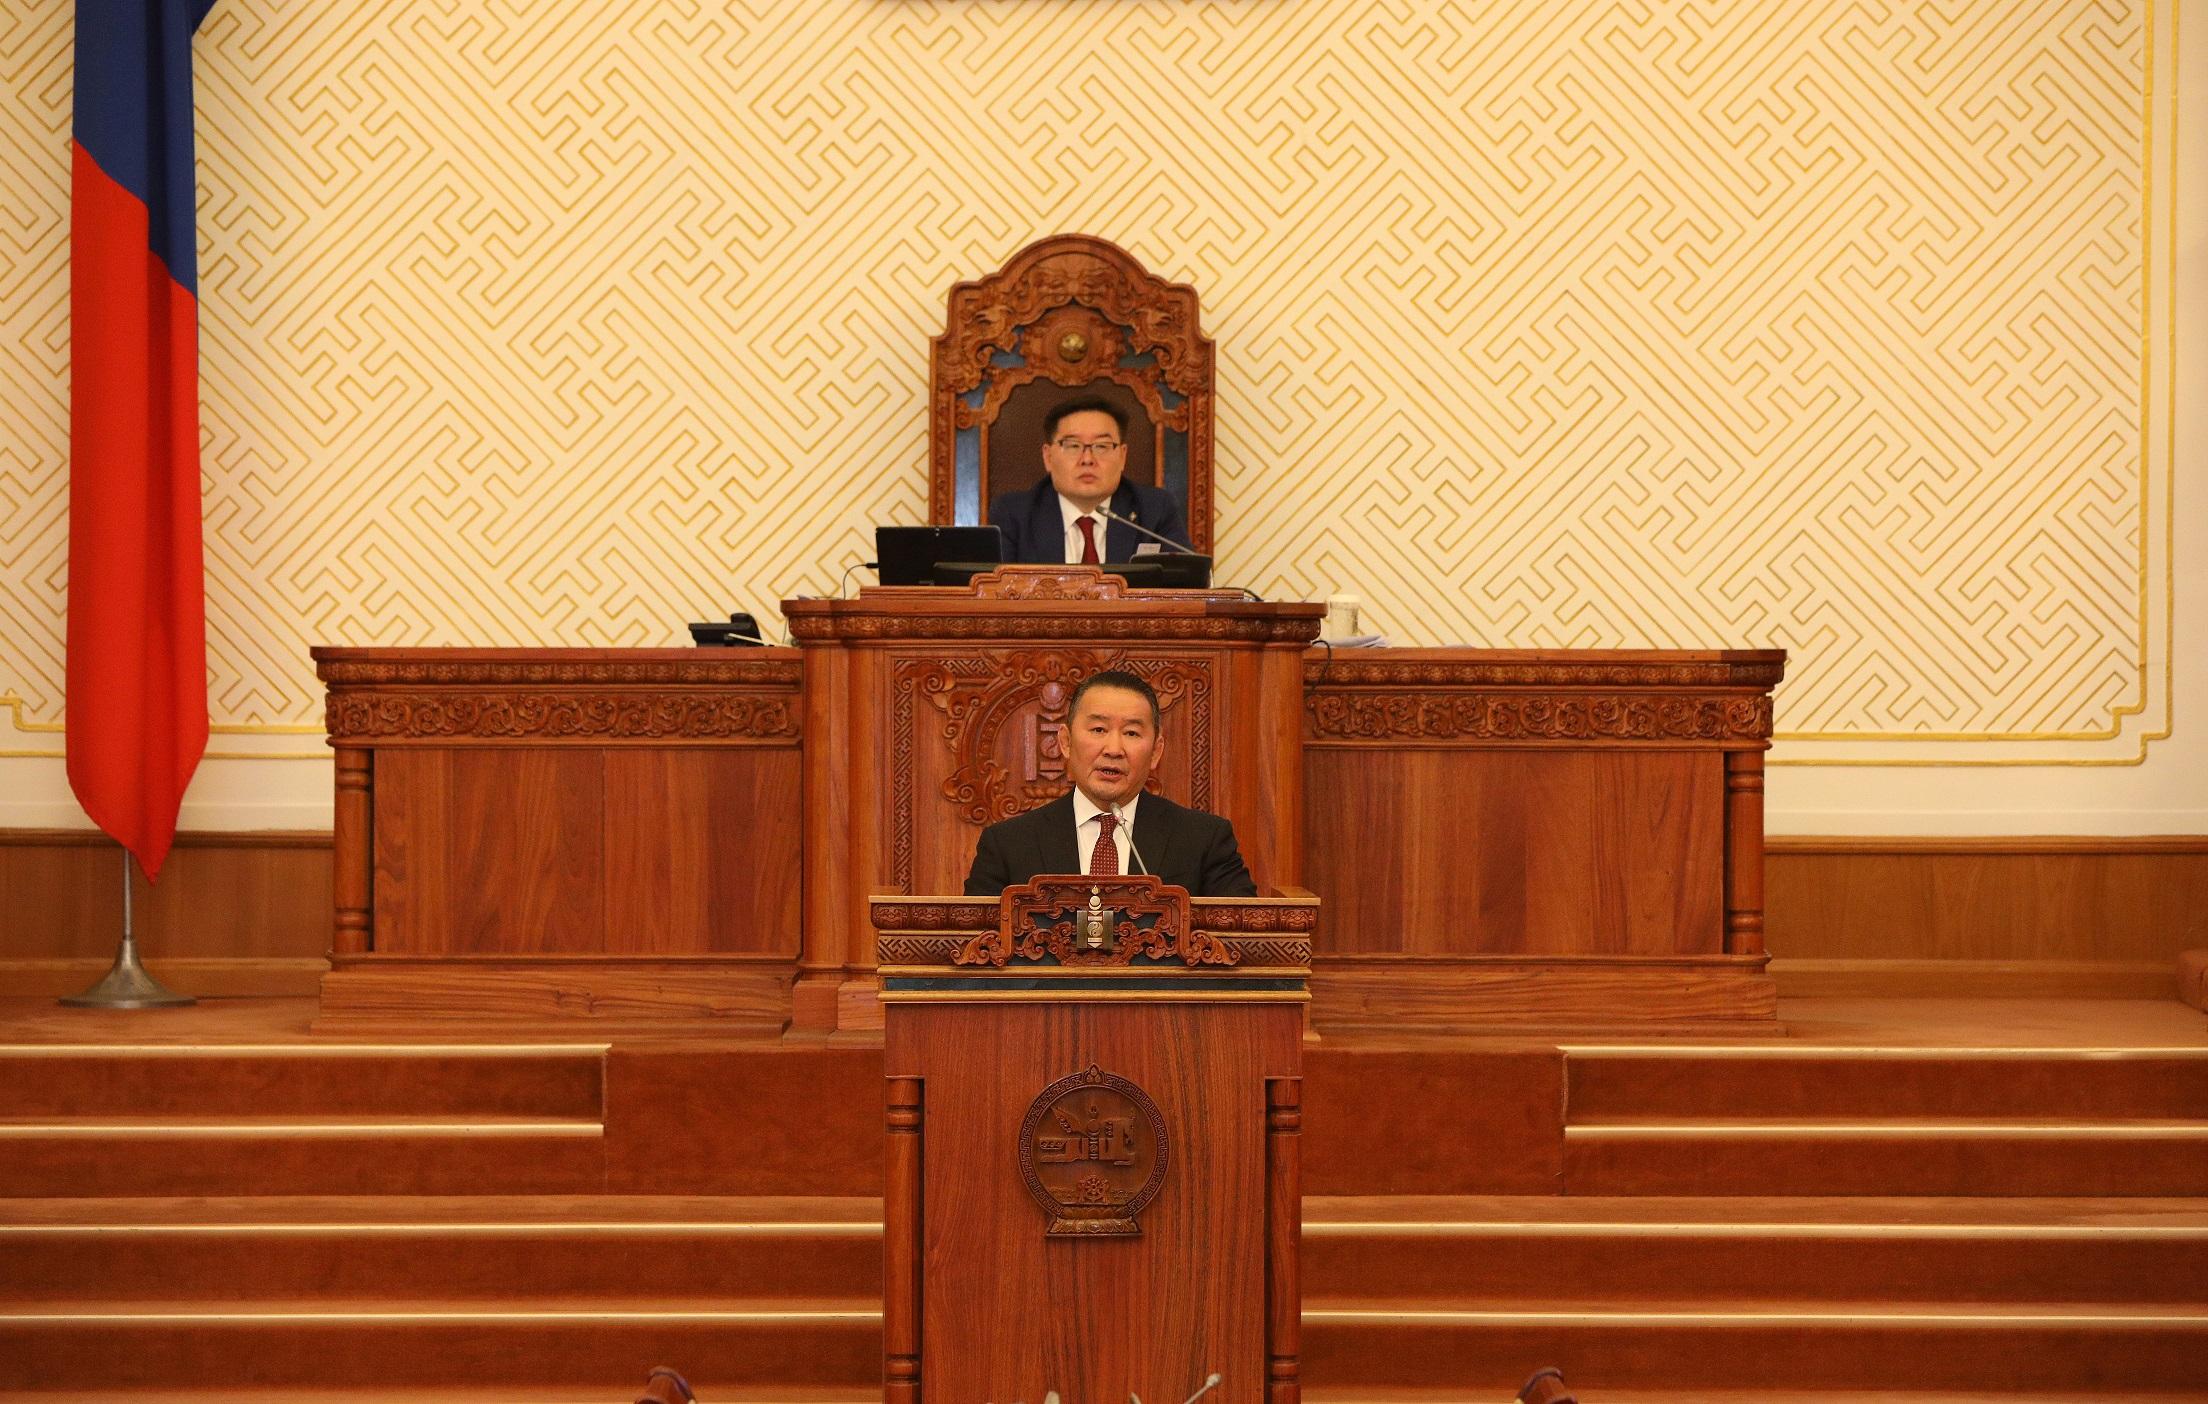 Монгол Улсын Ерөнхийлөгч Х.Баттулга: Оюу толгойн асуудлаар Лондонгийн Олон улсын арбитрын маргаанд сөрөг нэхэмжлэл гаргах тухай зарлигийн төслийг Засгийн газарт хүргүүлсэн